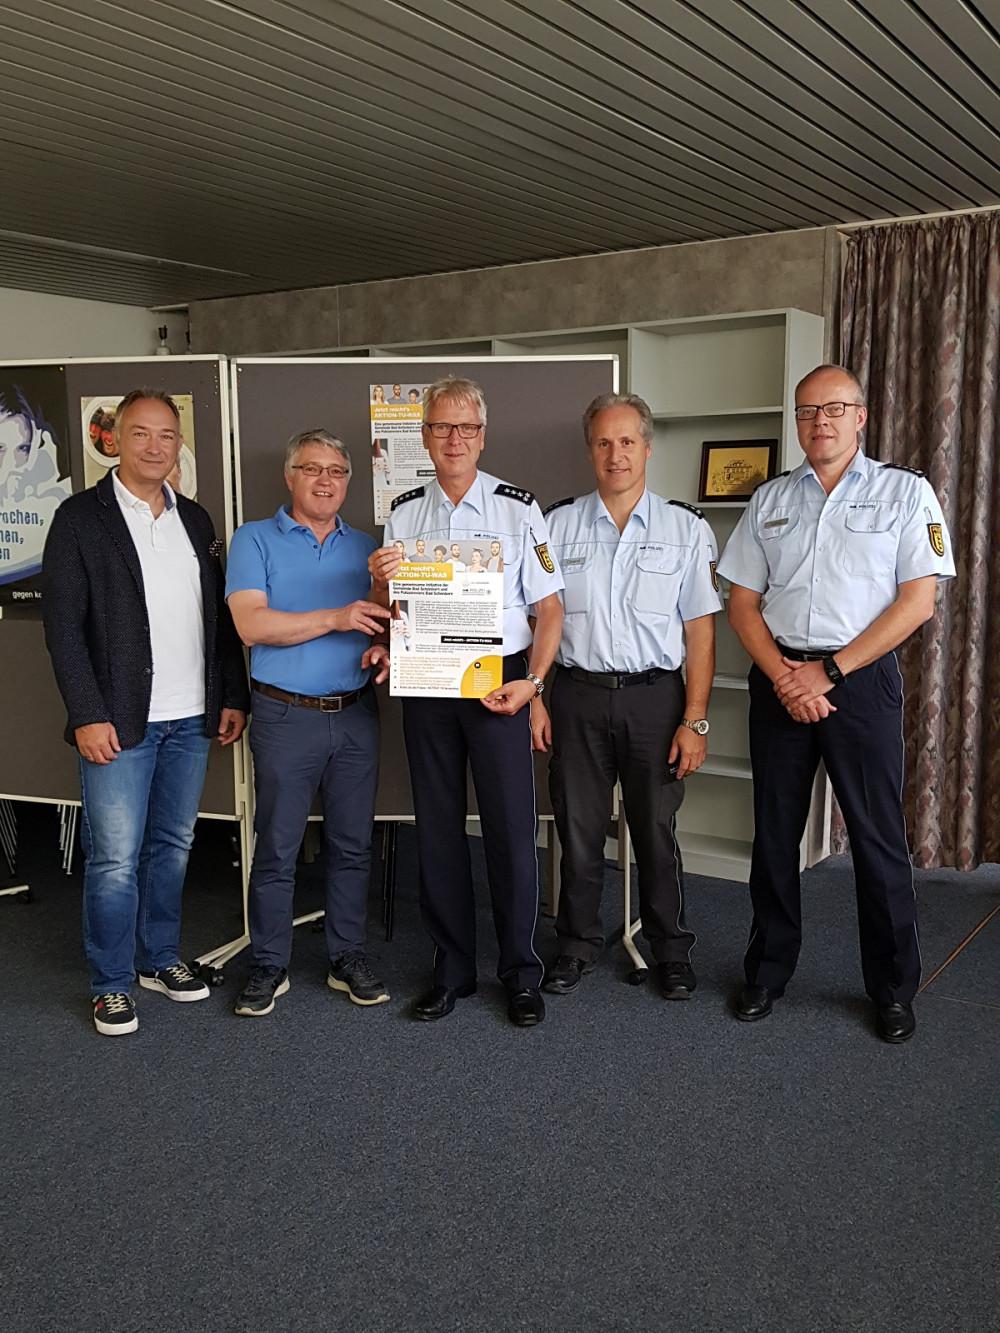 vlnr: Ordnungsamtleiter Dirk Vogel, Hauptamtsleiter Edgar Schuler, Revierleiter Gerd Volland, Bernd Oberst und Stefan Lang.